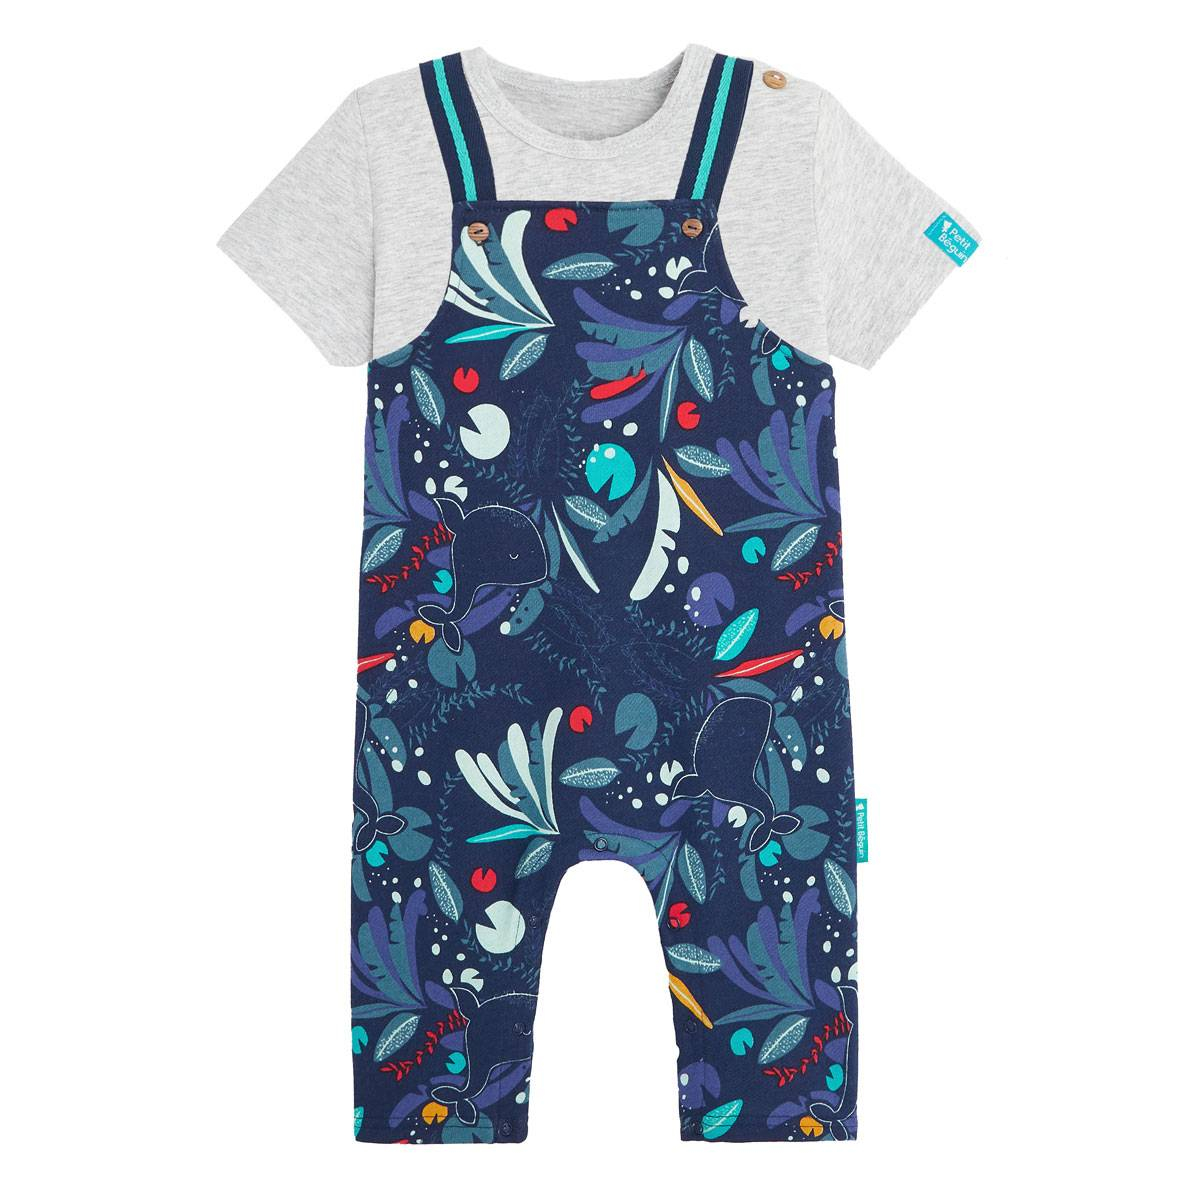 Petit Béguin Salopette bébé garçon contenant du coton gratté bio et t-shirt Sea You - Taille - 6 mois